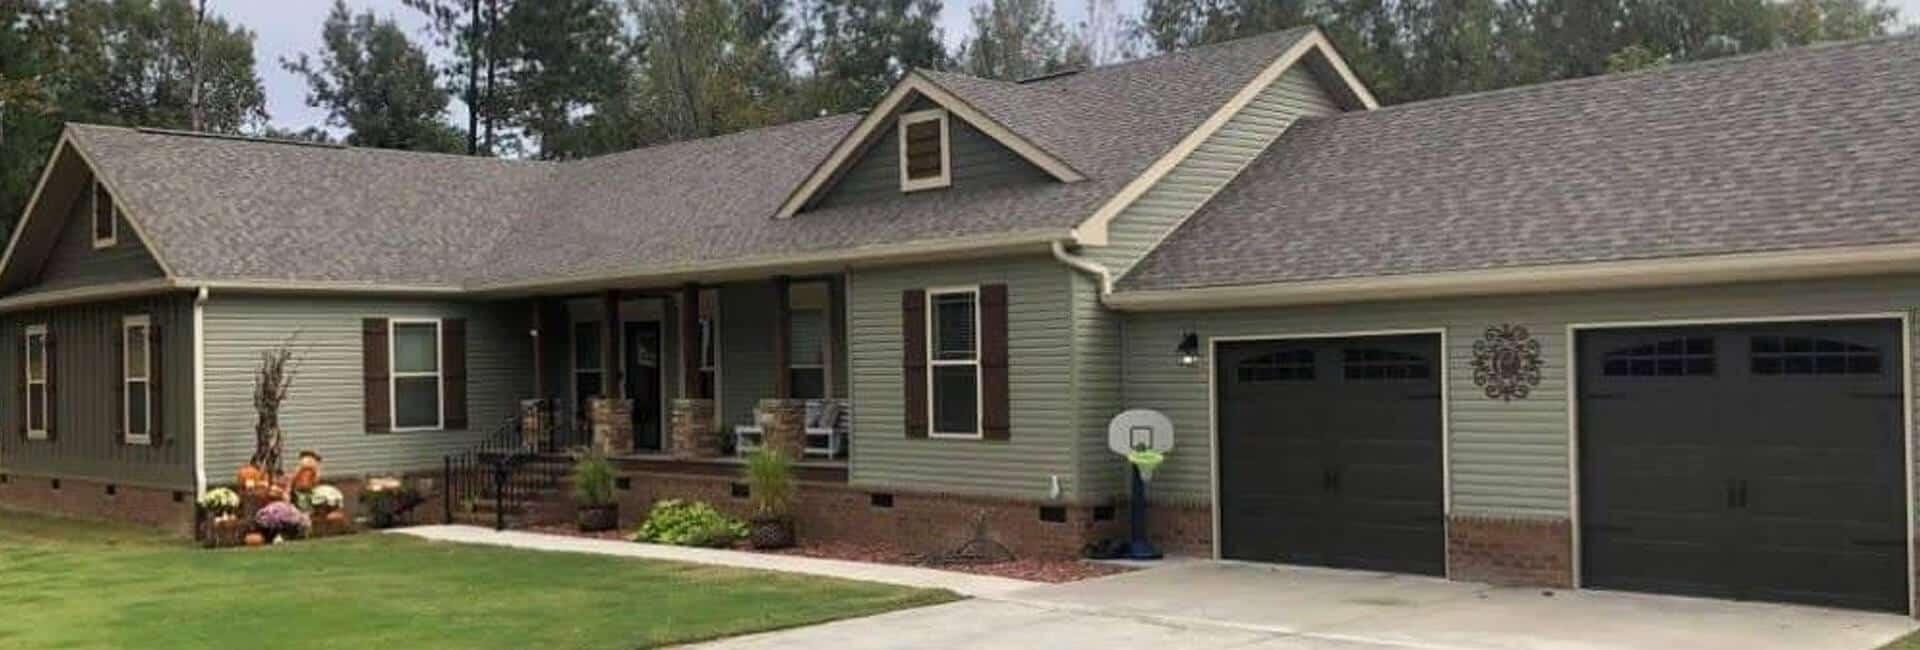 Pratt Modular Homes Modular Homes Texas And Tiny Houses Texas